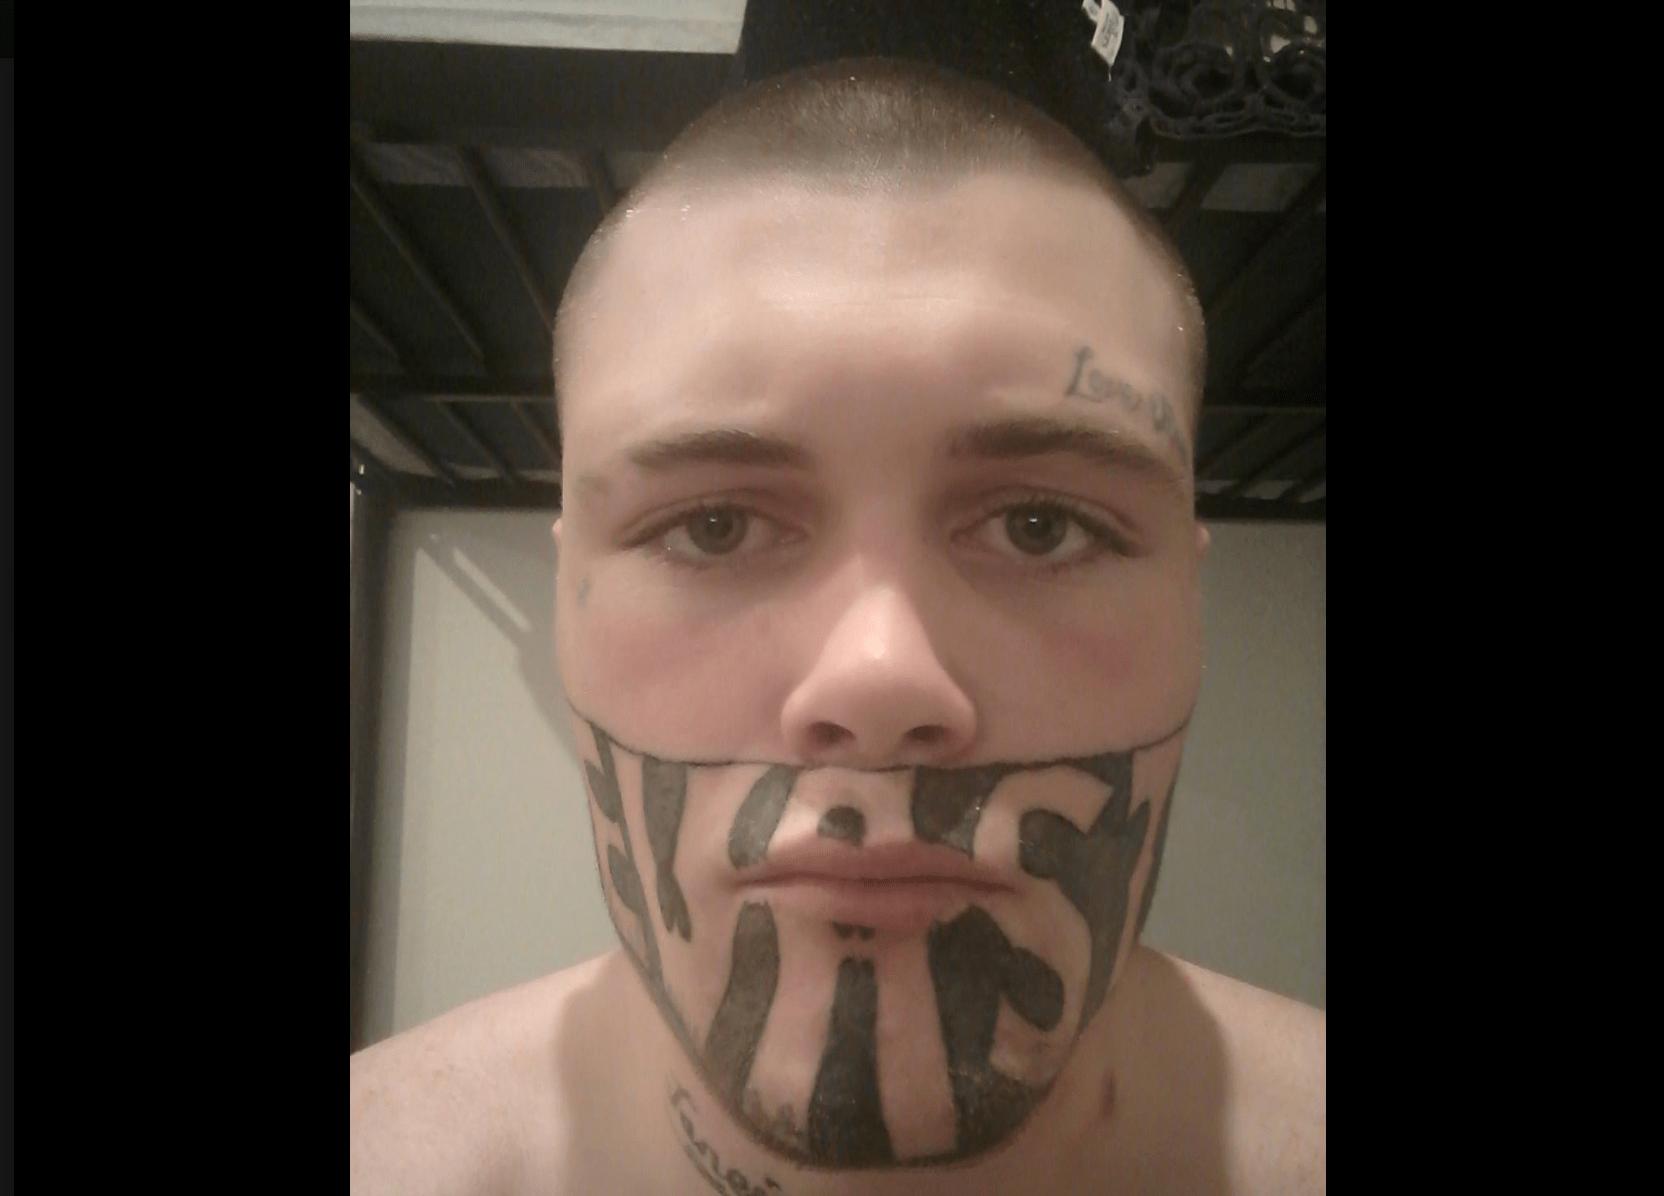 Esce dal carcere con mezzo viso tatuato, nessuno gli dà un lavoro: 'Voglio solo mantenere la mia famiglia'